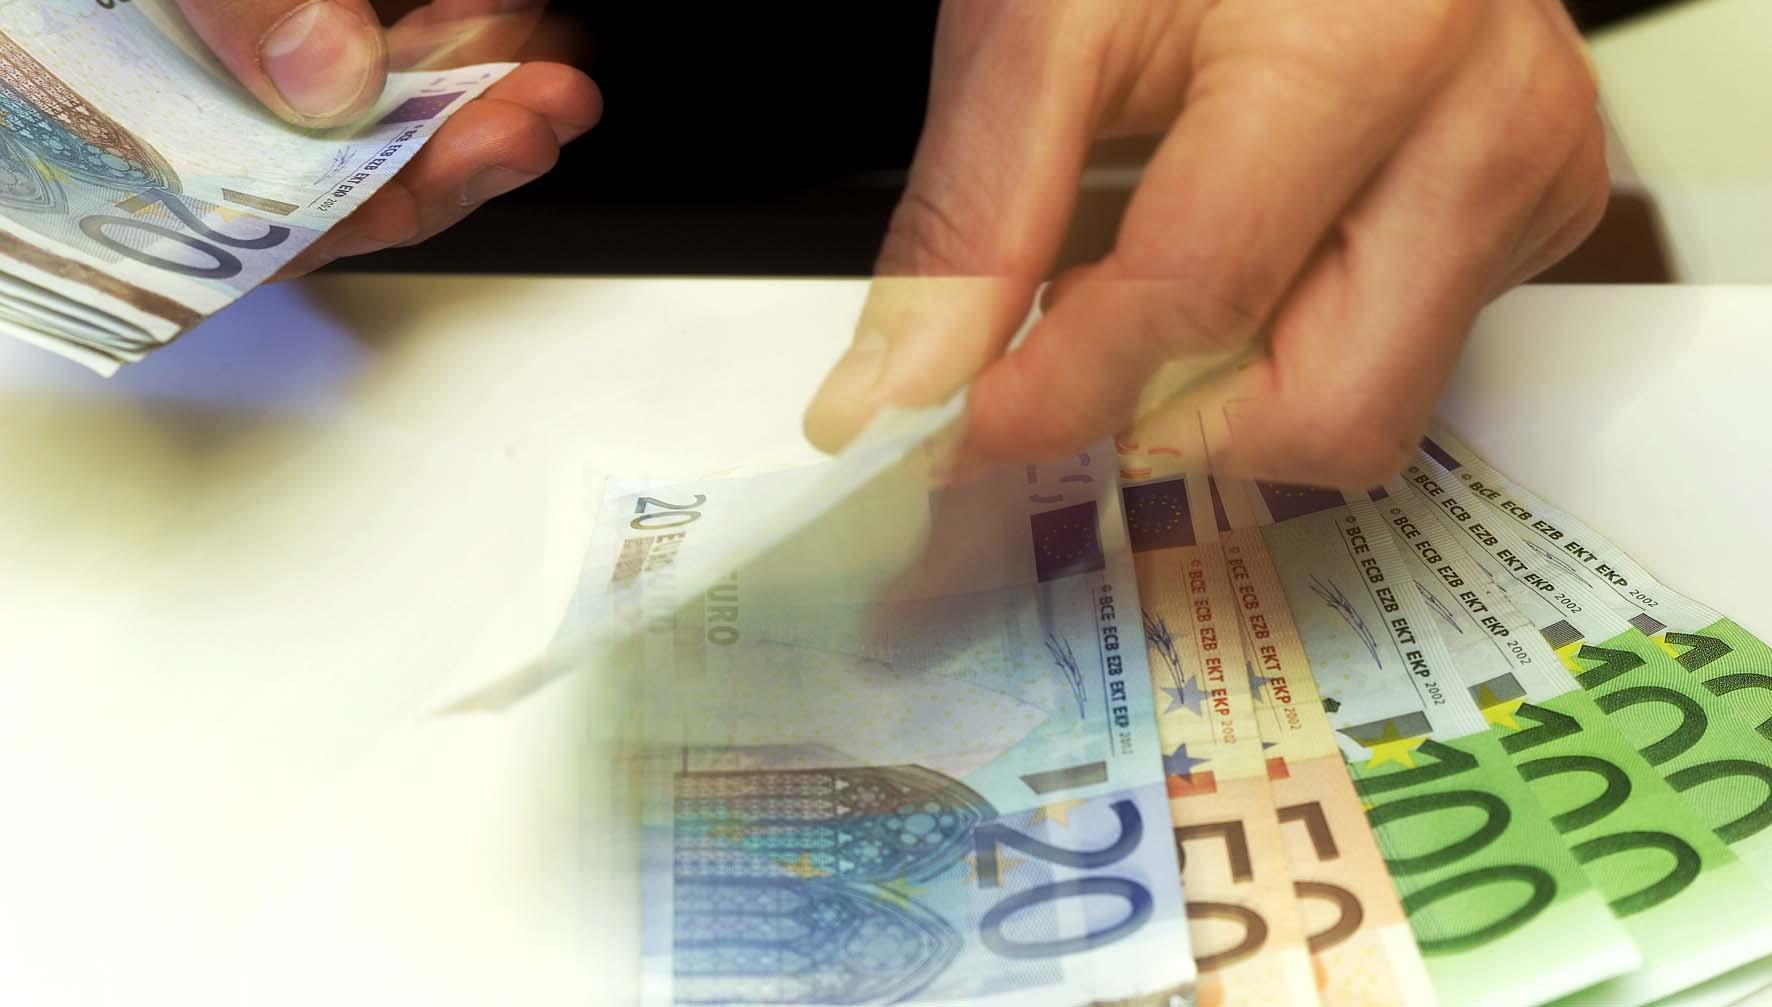 euro soldi conteggio pagamento mani